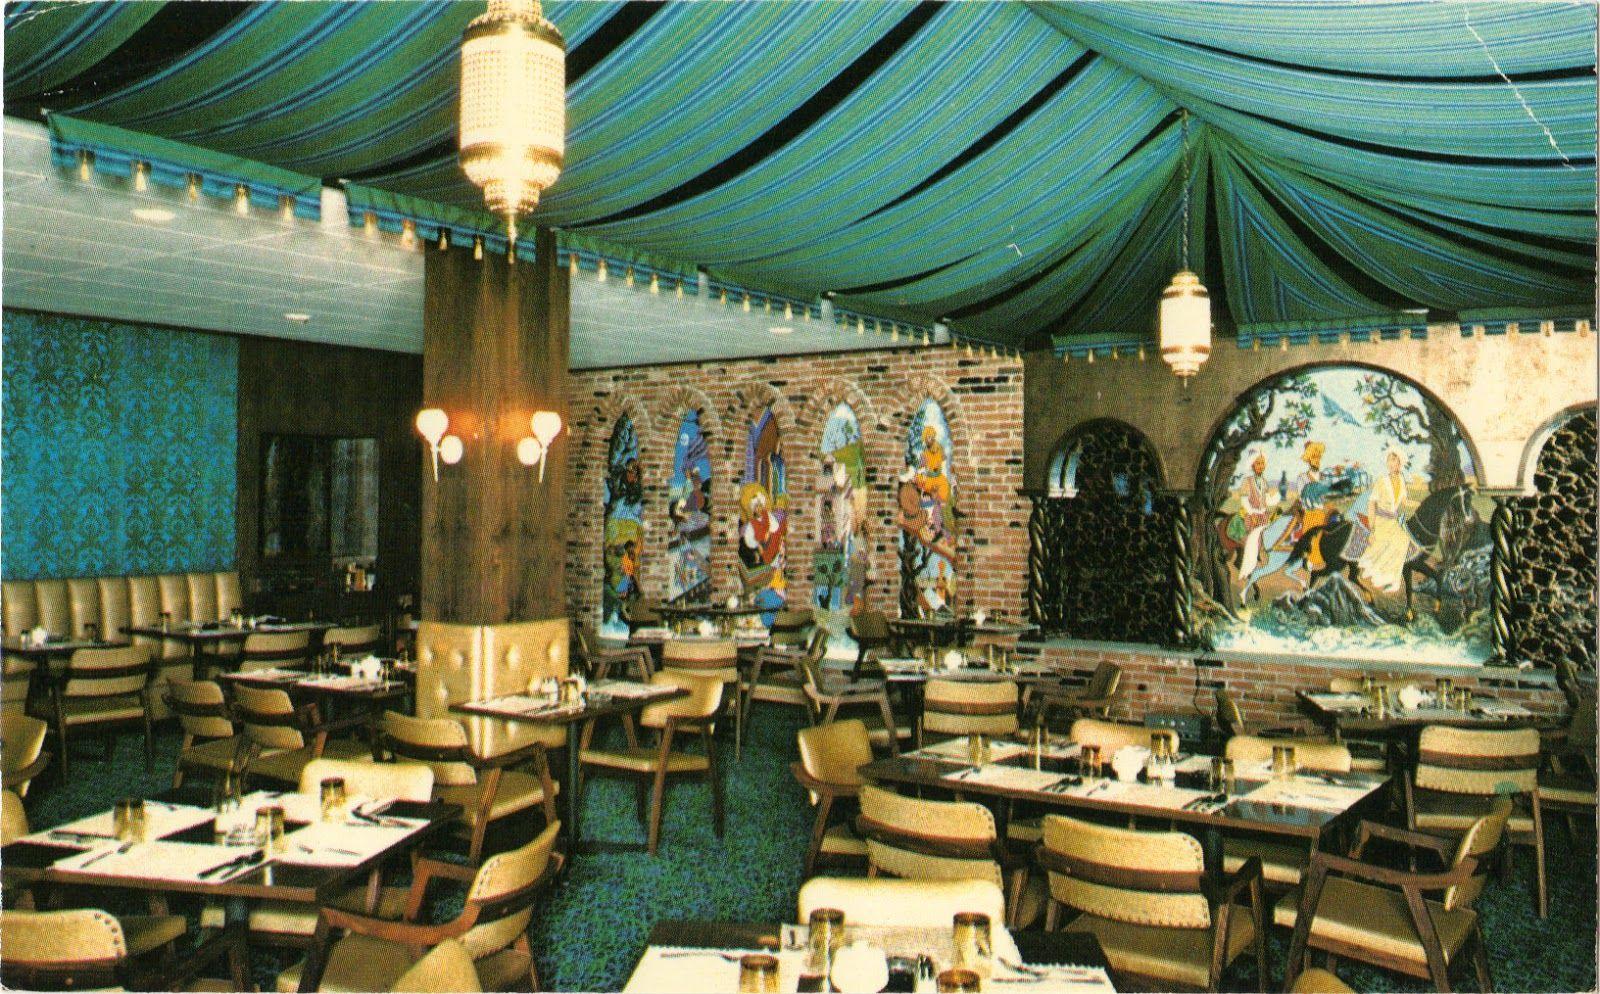 persian room plaza hotel google search olana architecture